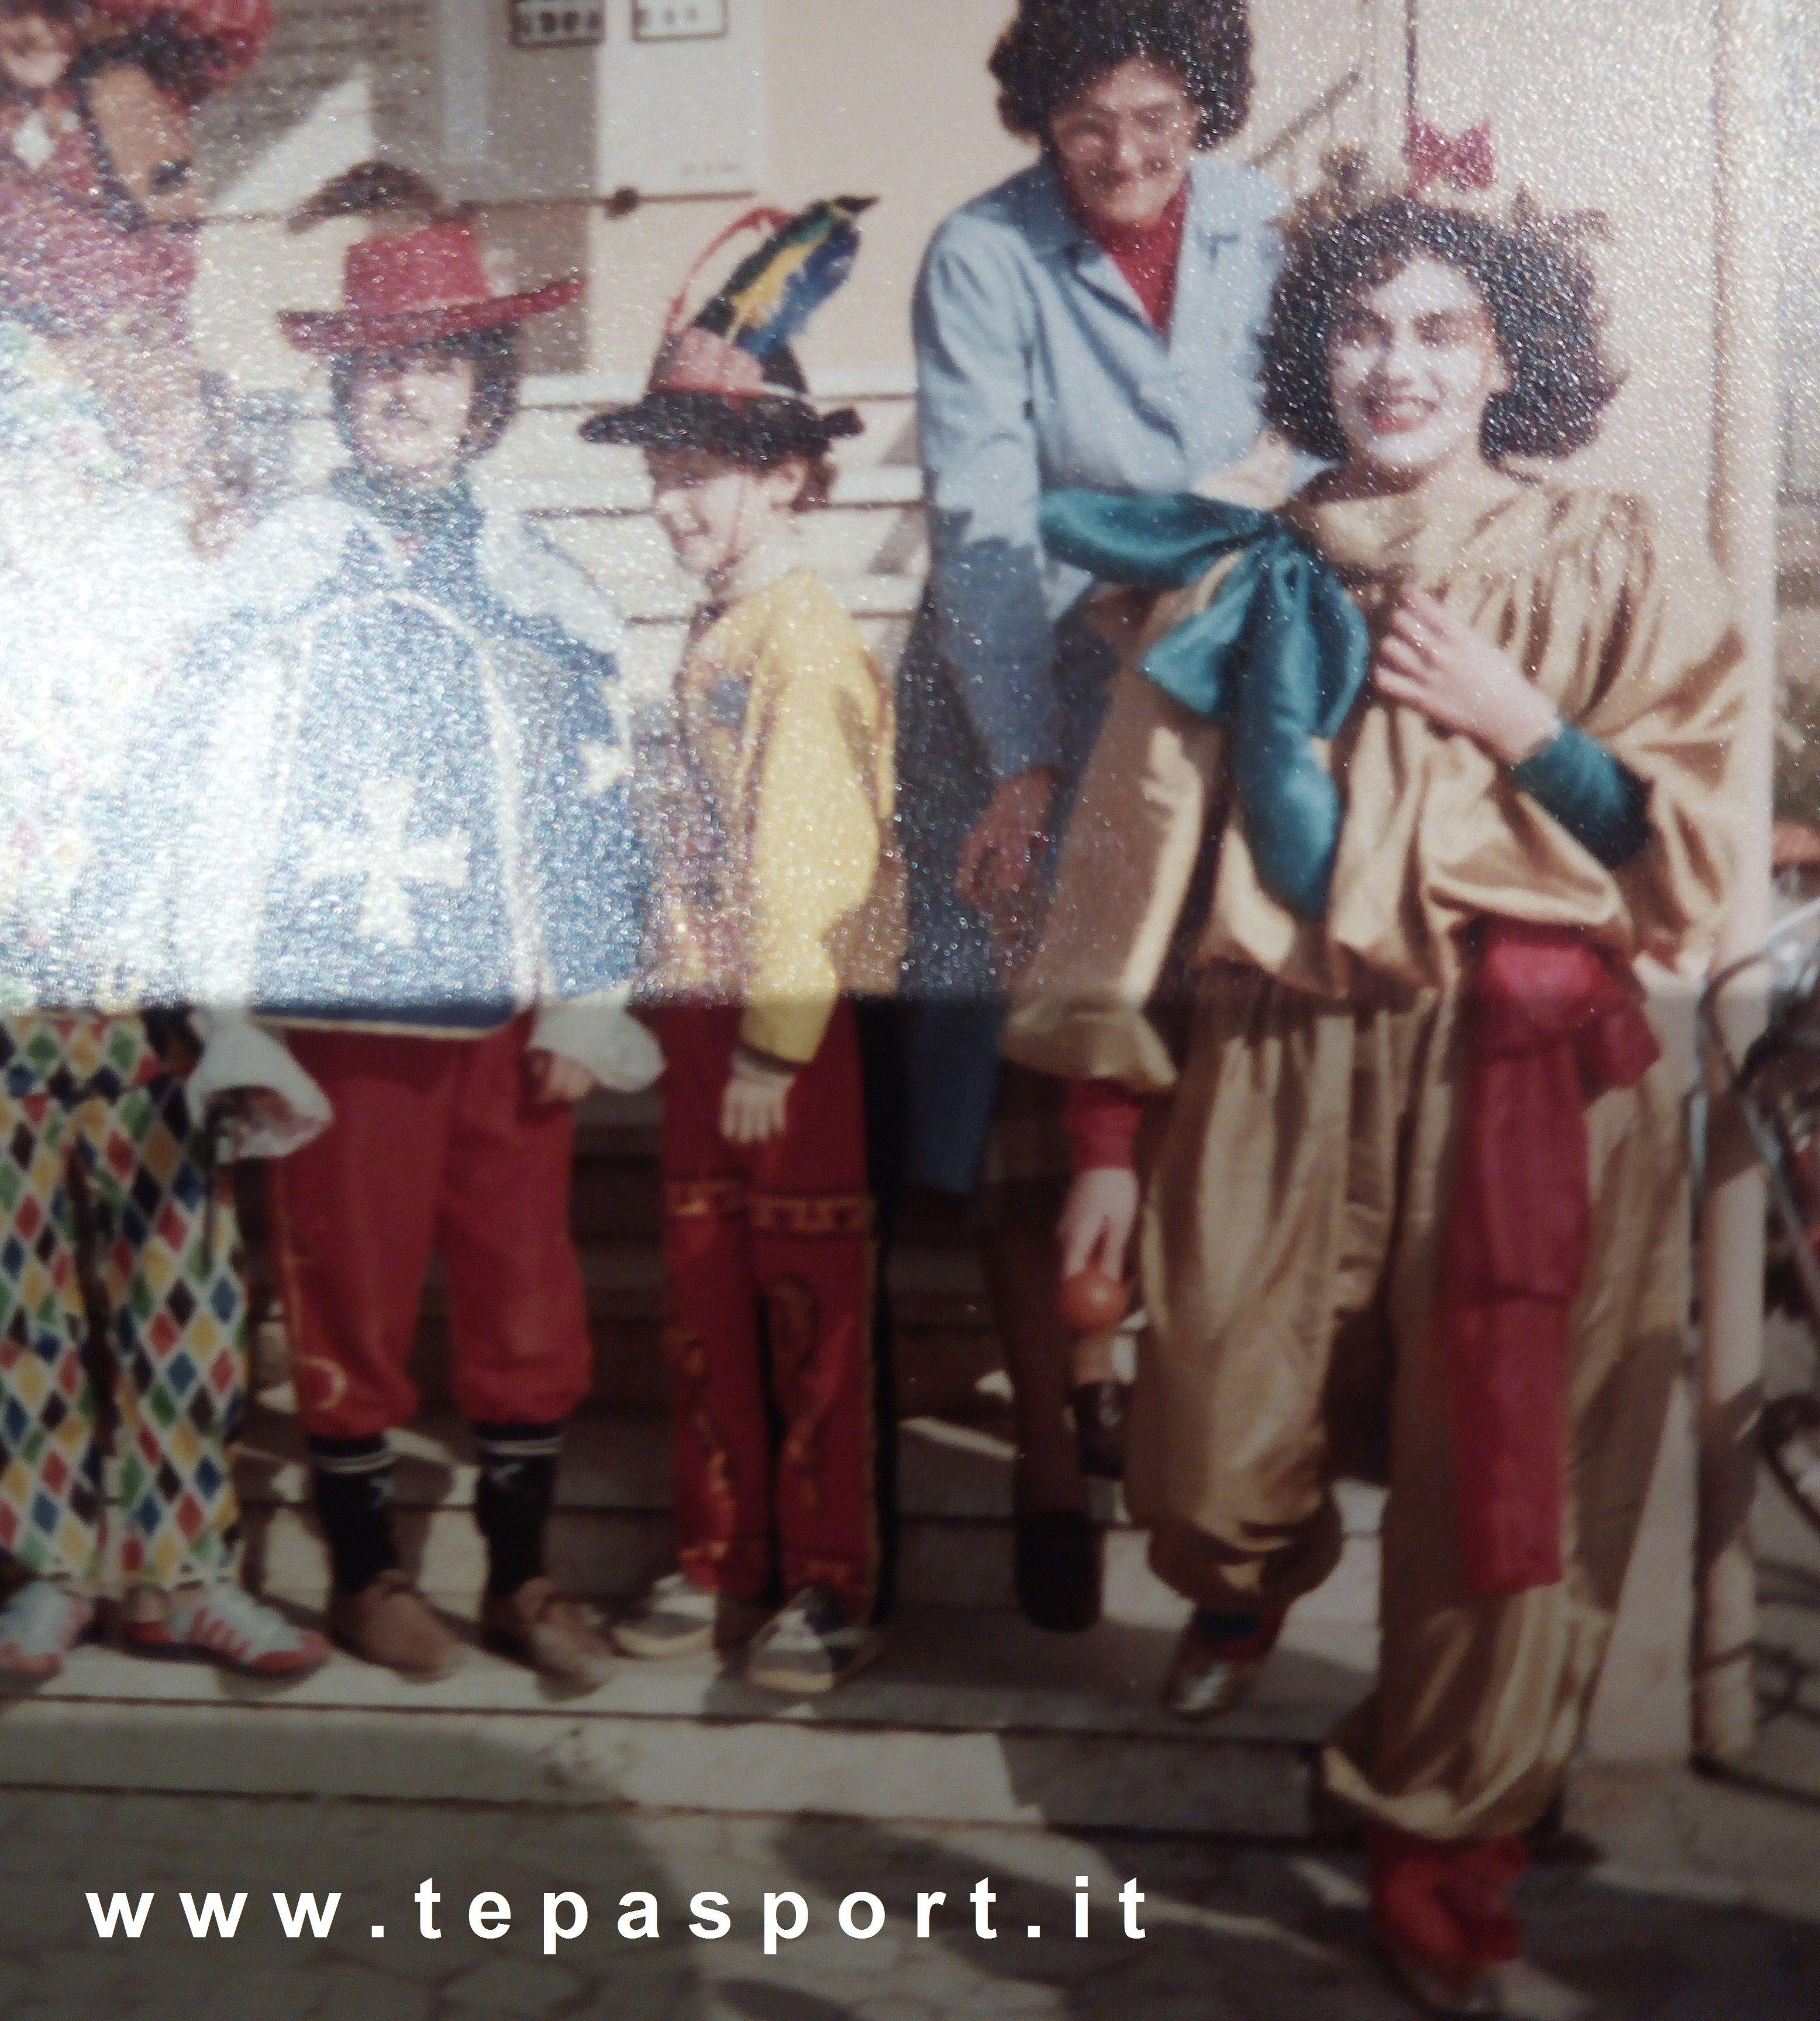 VINCI UNA TEPA Grazie a Oscar Galli per la foto, BELLISSIMA !!! ⚽️ C'ero anch'io ... http://www.tepasport.it/vinci-una-tepa/ 🇮🇹 Made in Italy dal 1952 Inviaci le Tue foto con le Tepa Sport ... Il prossimo vincitore potresti essere Tu !!! Una Tepa Sport in regalo ogni mese ...